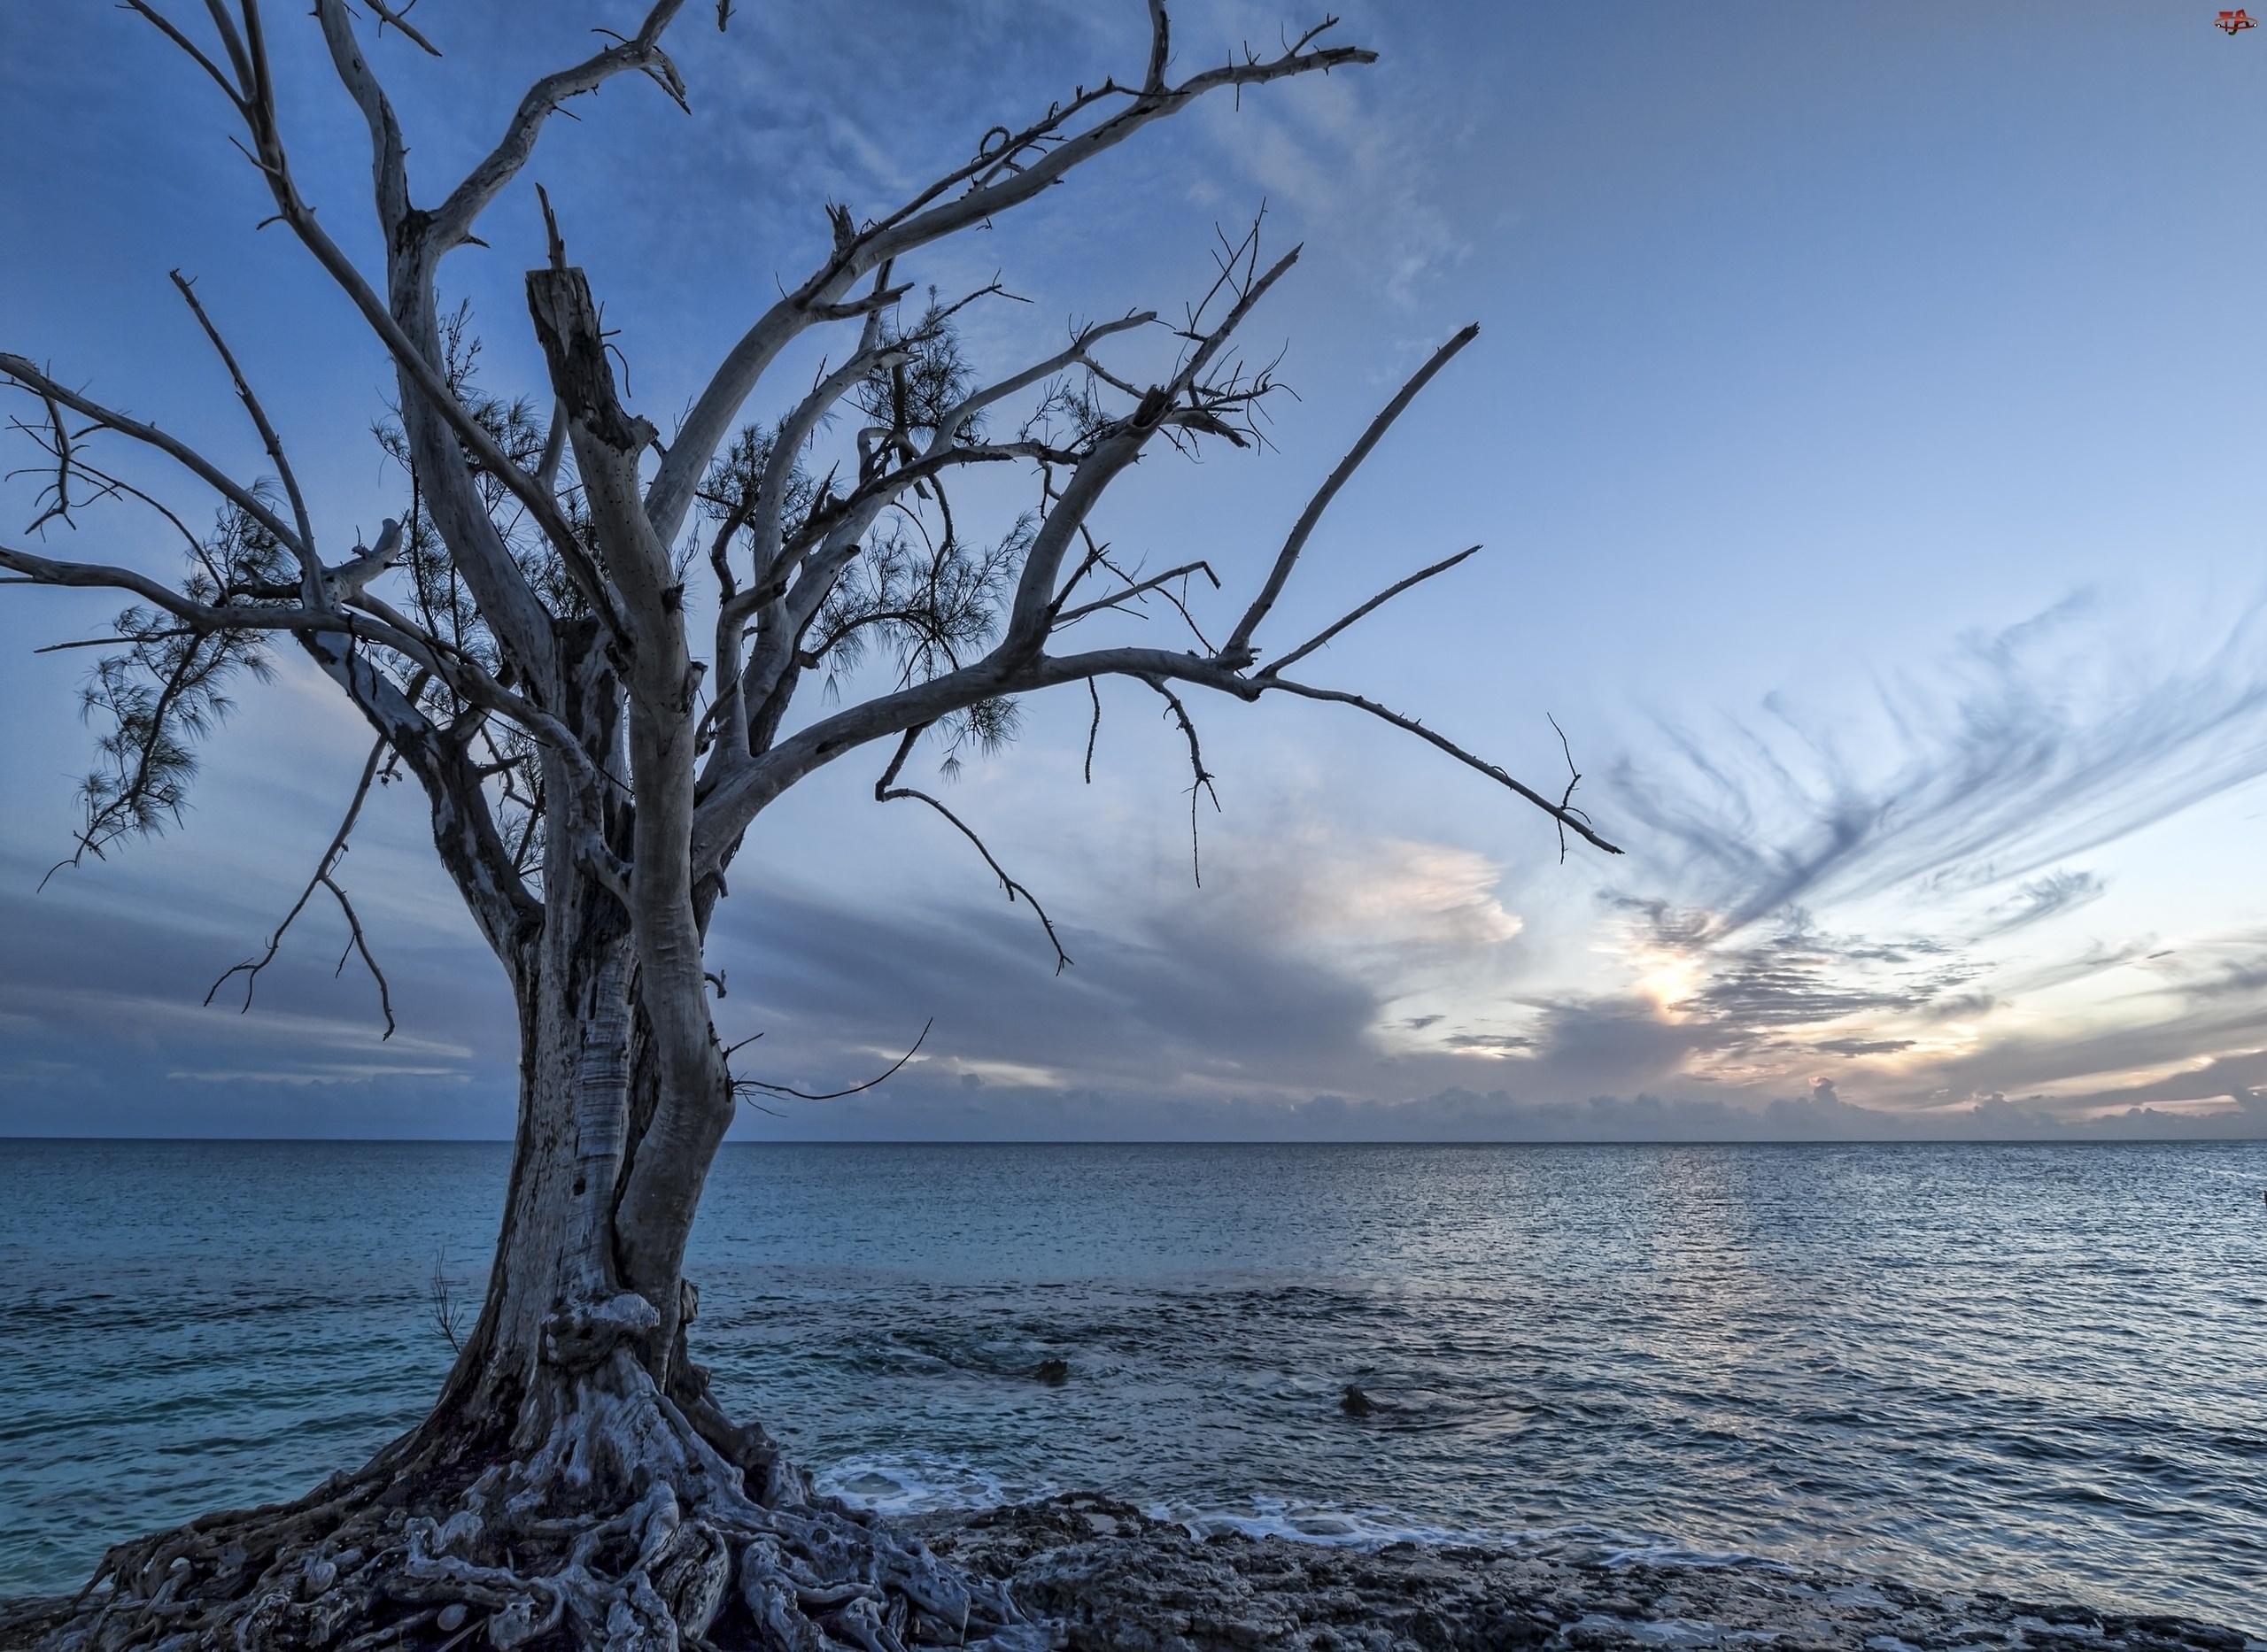 Horyzont, Morze, Drzewo